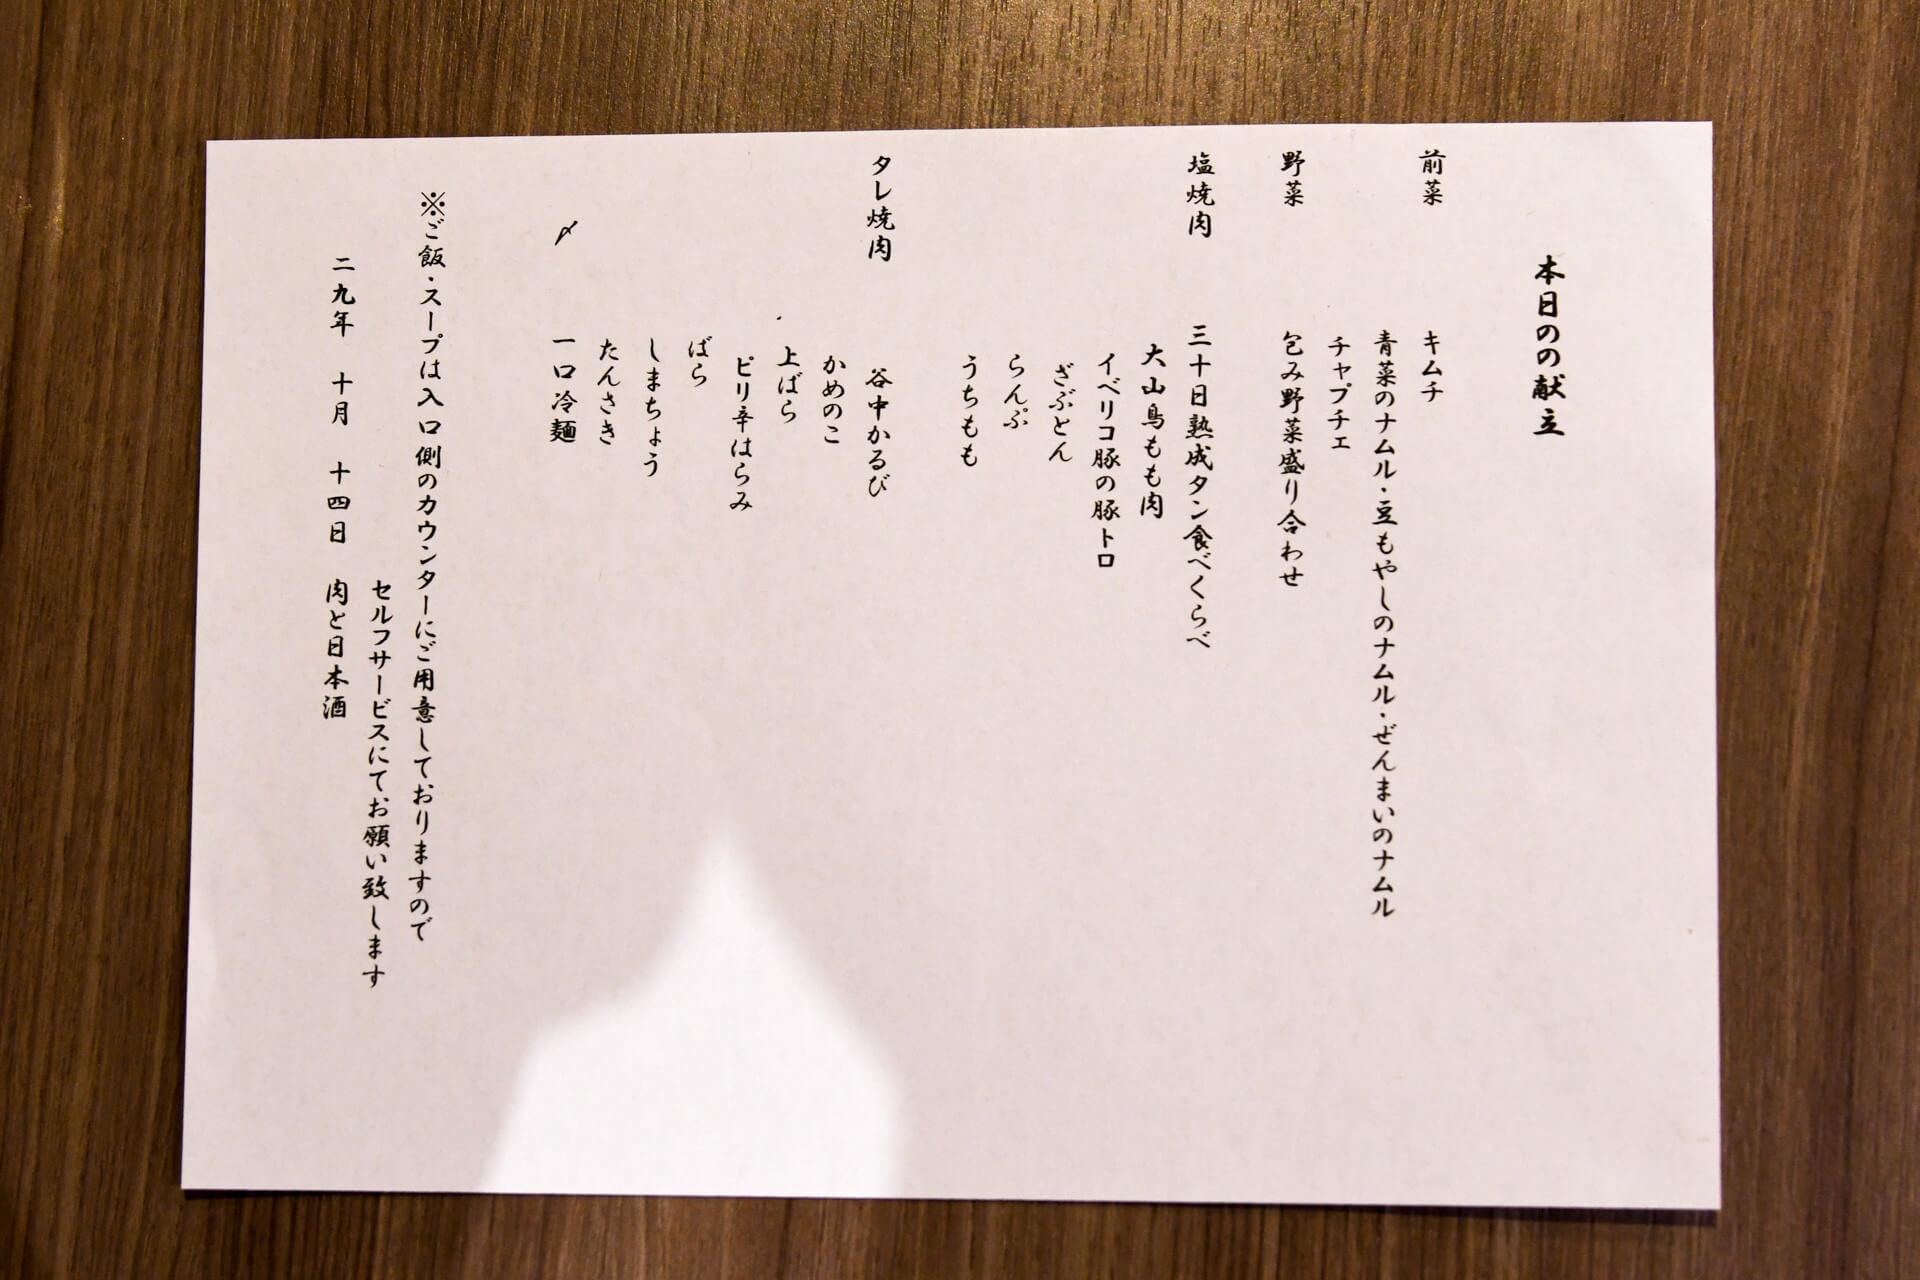 肉と日本酒 千駄木 本日の献立